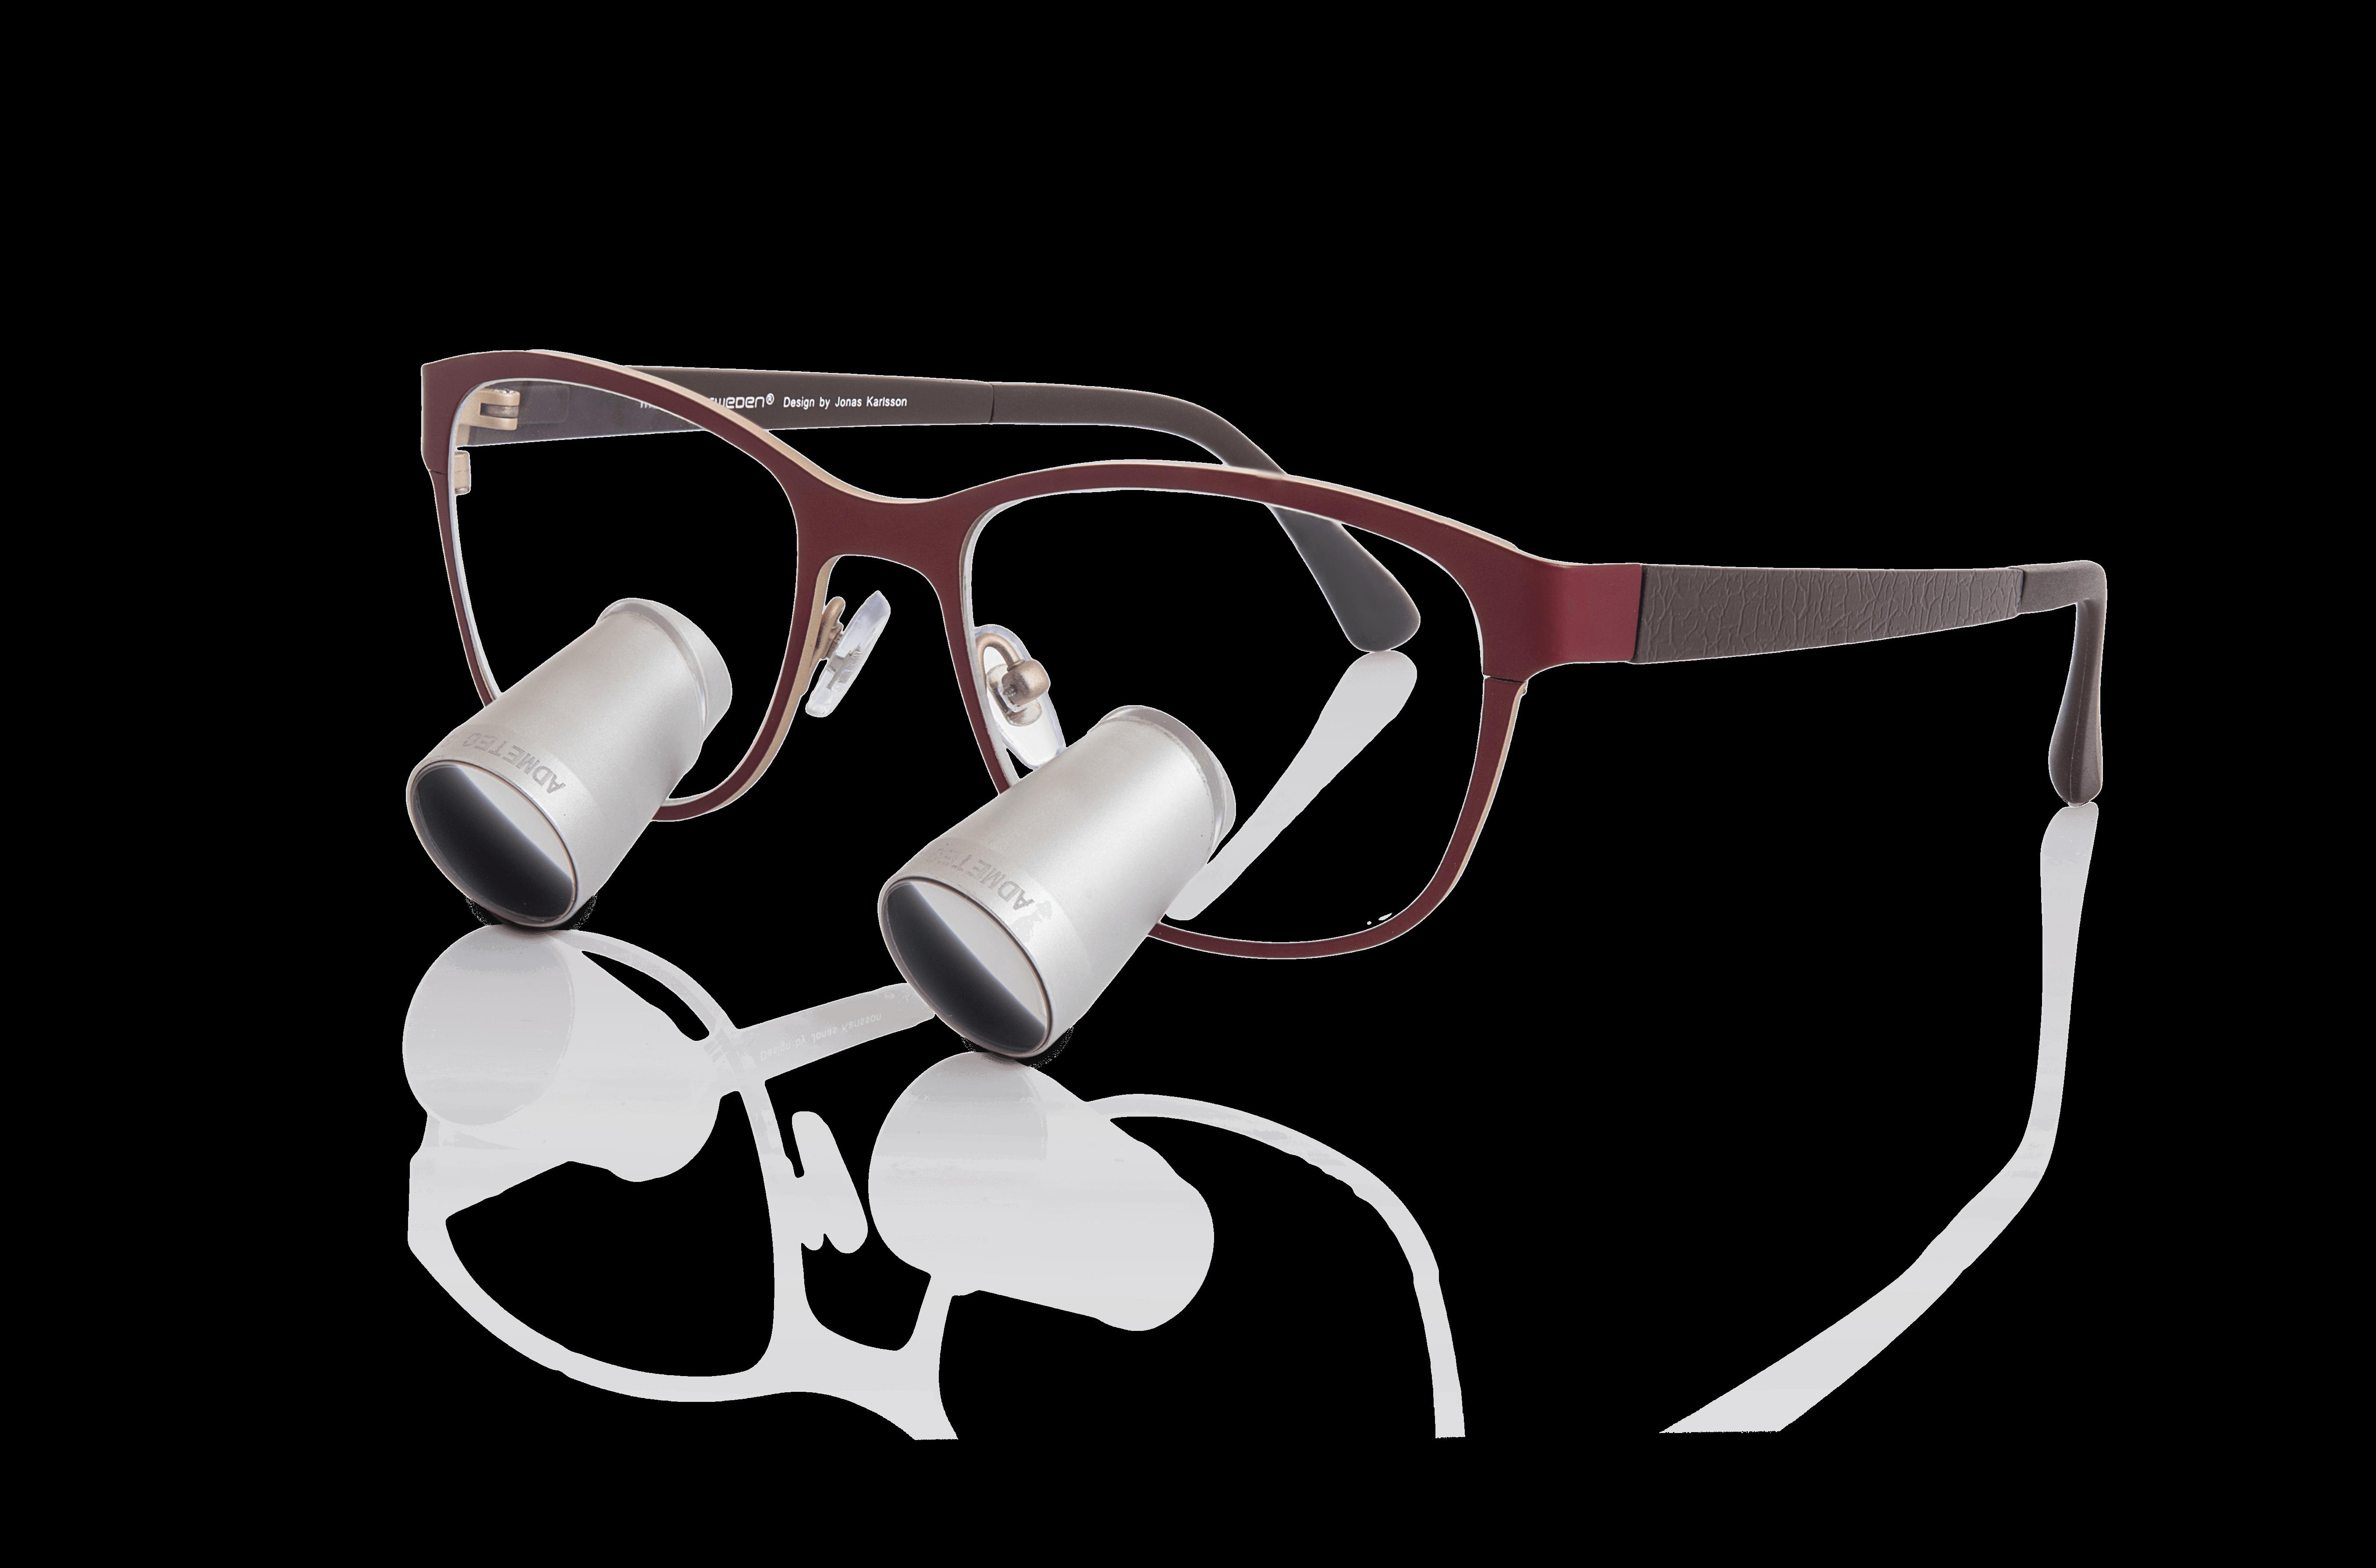 משקפי הגדלה גליליים | 3.2